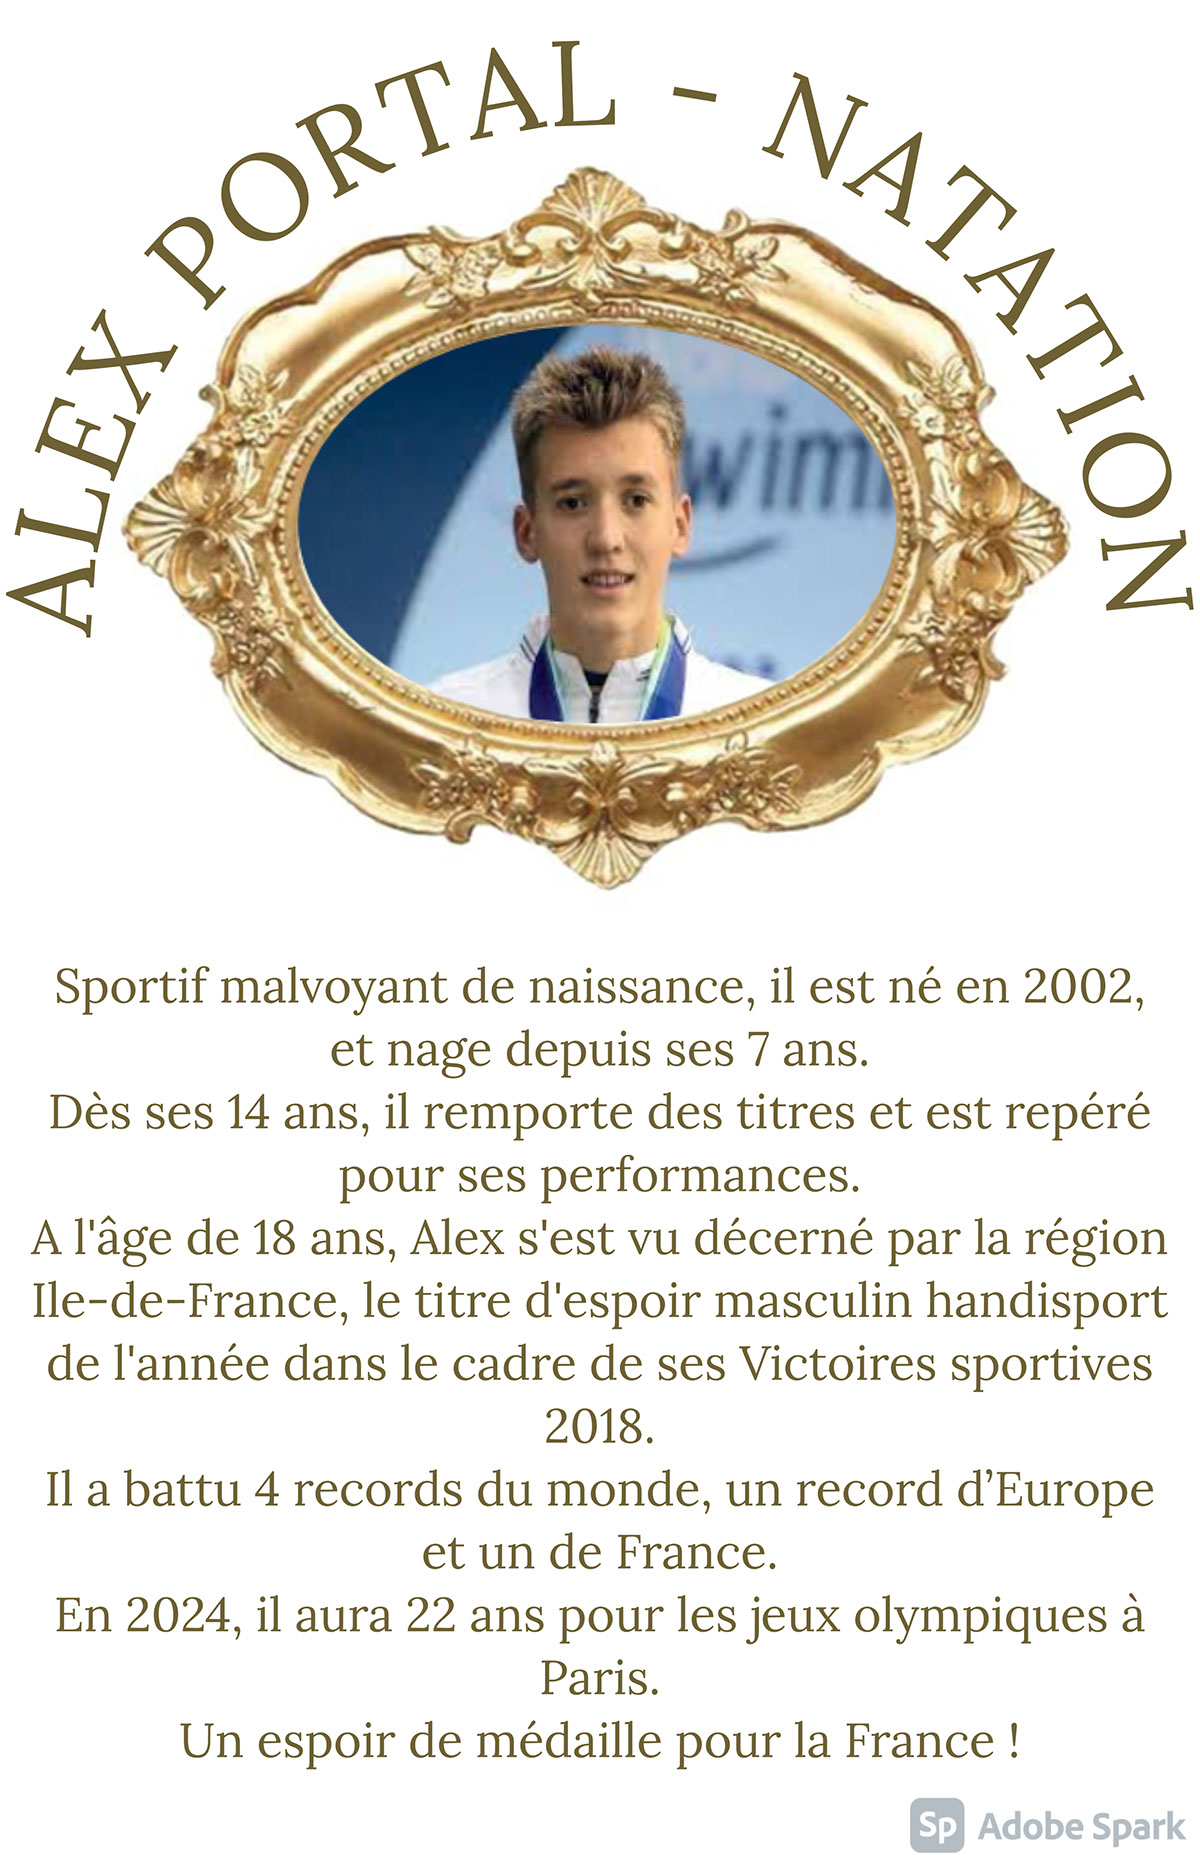 ALEX PORTAL - NATATION ALEX PORTAL - NATATION Sportif malvoyant de naissance, il est né en 2002, et nage depuis ses 7 ans. Dès ses 14 ans, il remporte des titres et est repéré pour ses performances. A l'âge de 18 ans, Alex s'est vu décerné par la région Ile-de-France, le titre d'espoir masculin handisport de l'année dans le cadre de ses Victoires sportives 2018. Il a battu 4 records du monde, un record d'Europe et un de France. En 2024, il aura 22 ans pour les jeux olympiques à Paris. Un espoir de médaille pour la France !